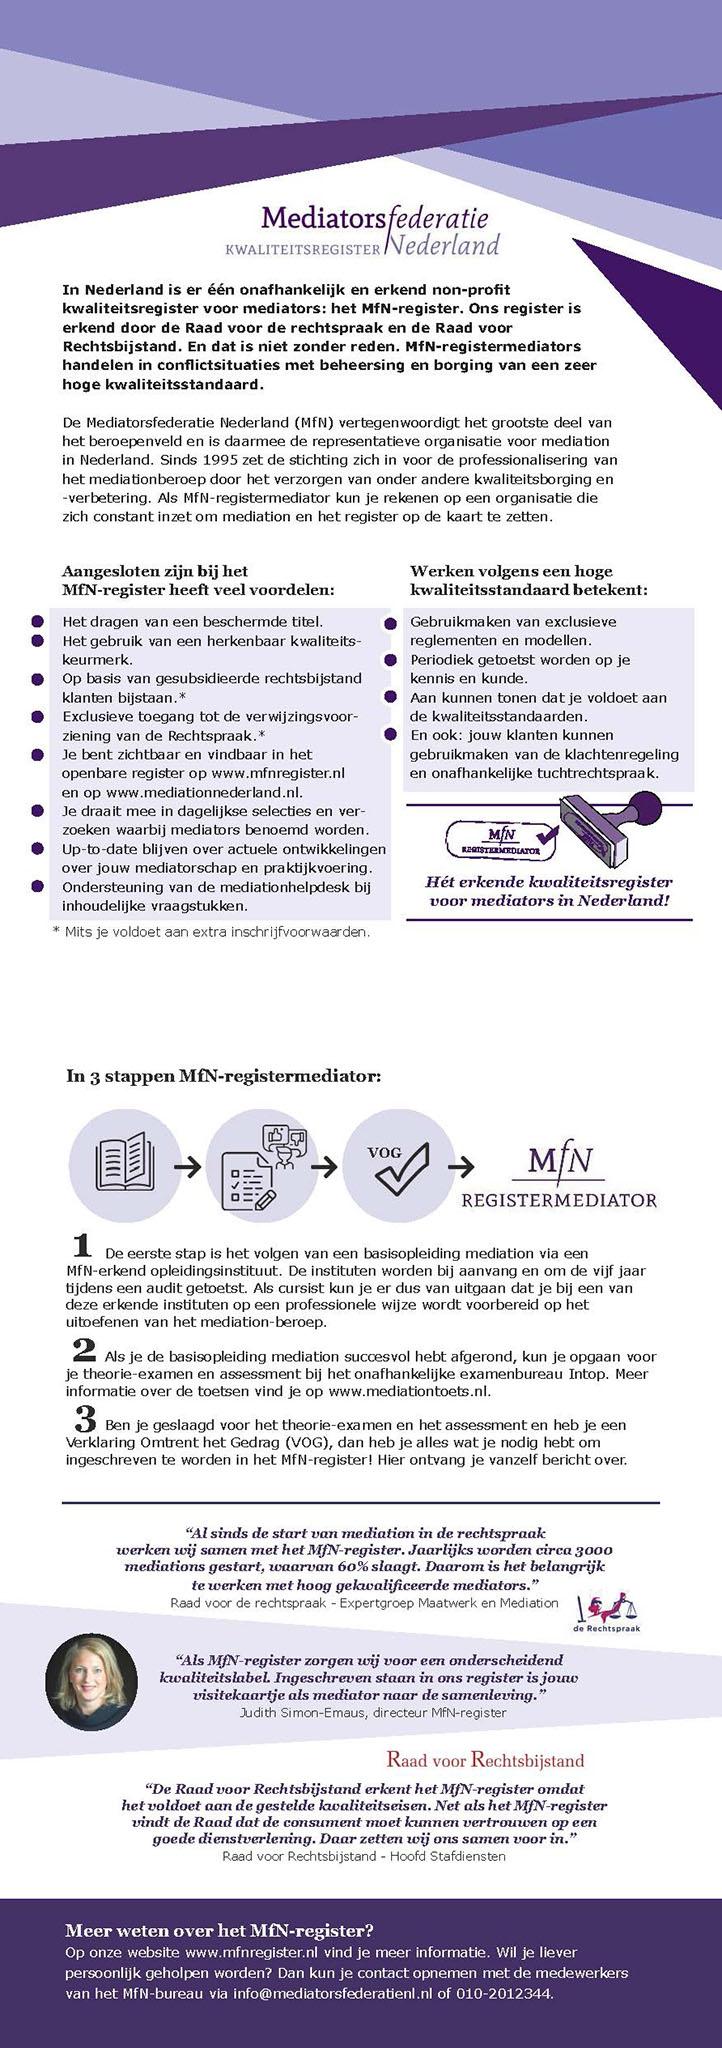 MfN flyer